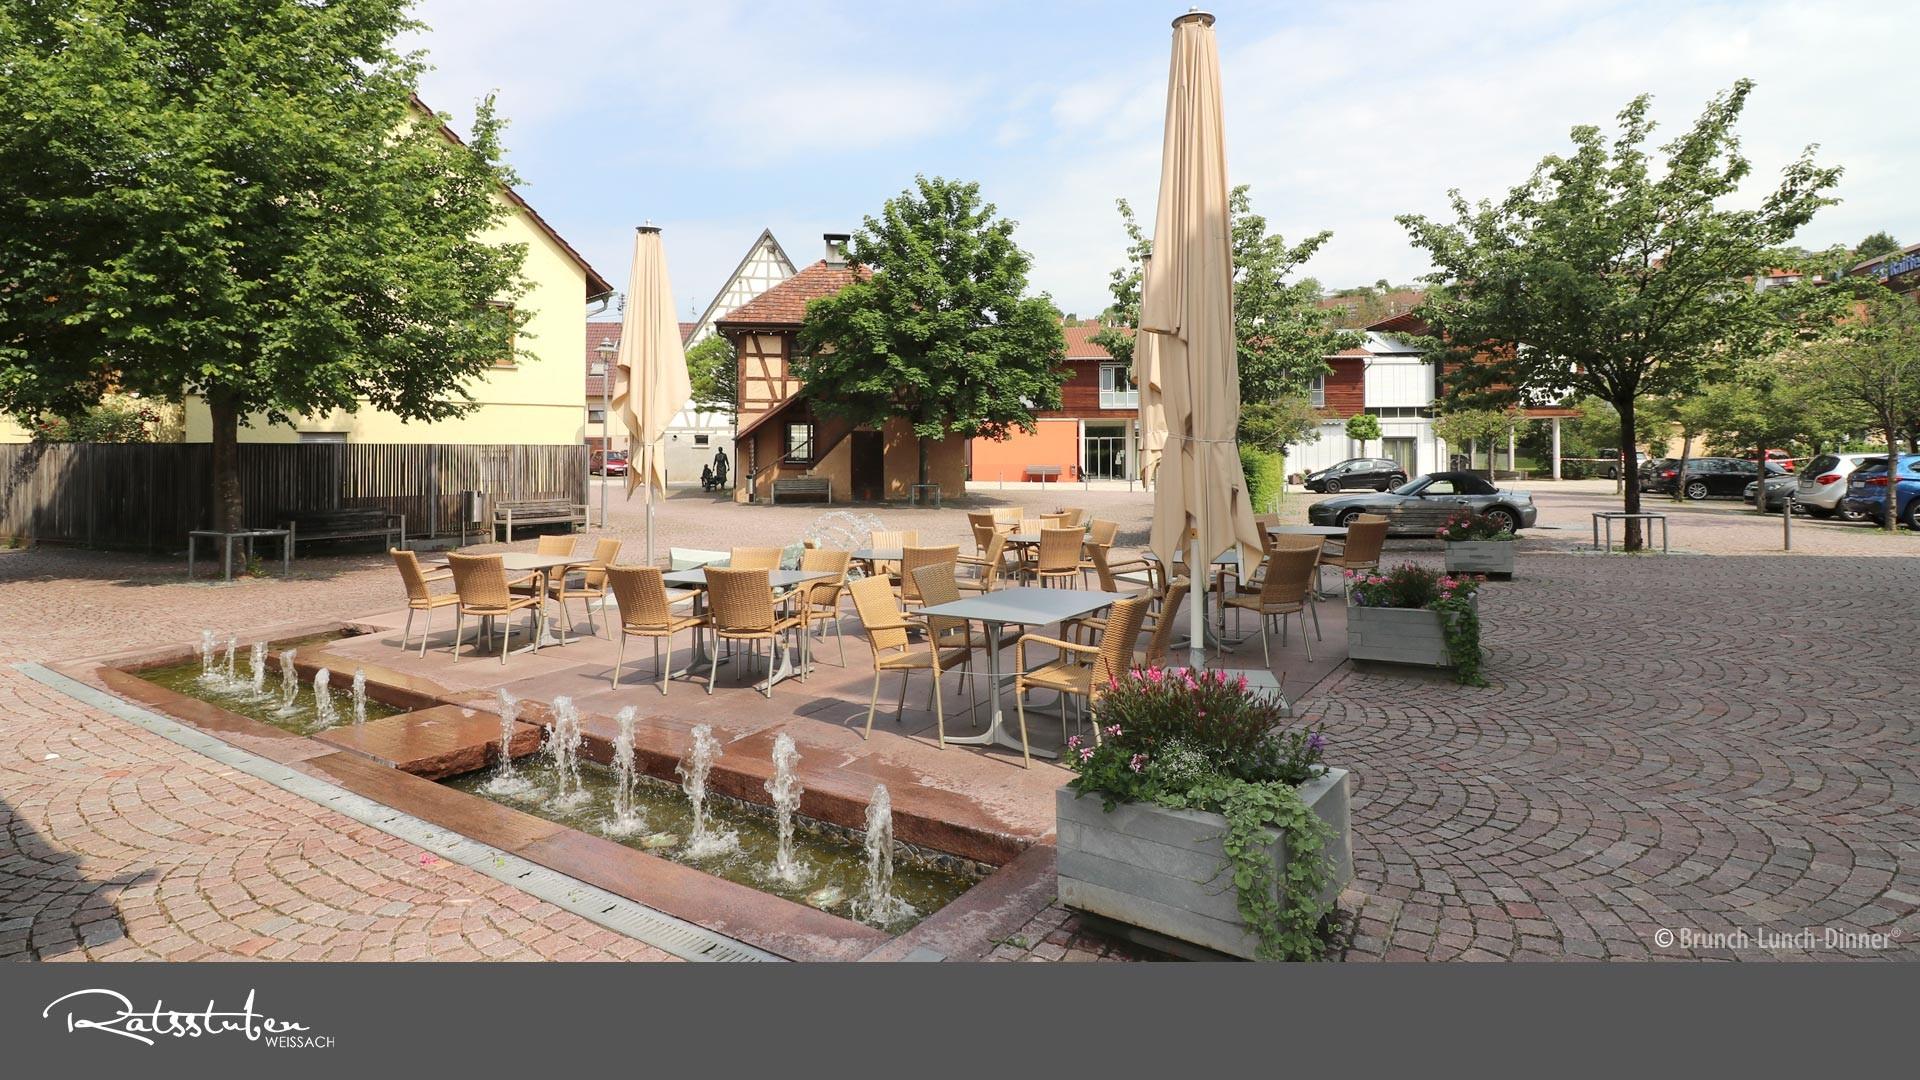 Ratsstuben Restaurant Weissach: Perfekt für einen Sektempfang nach Ihrer standesamtlichen Trauung - oder als Location für Ihre Hochzeit.